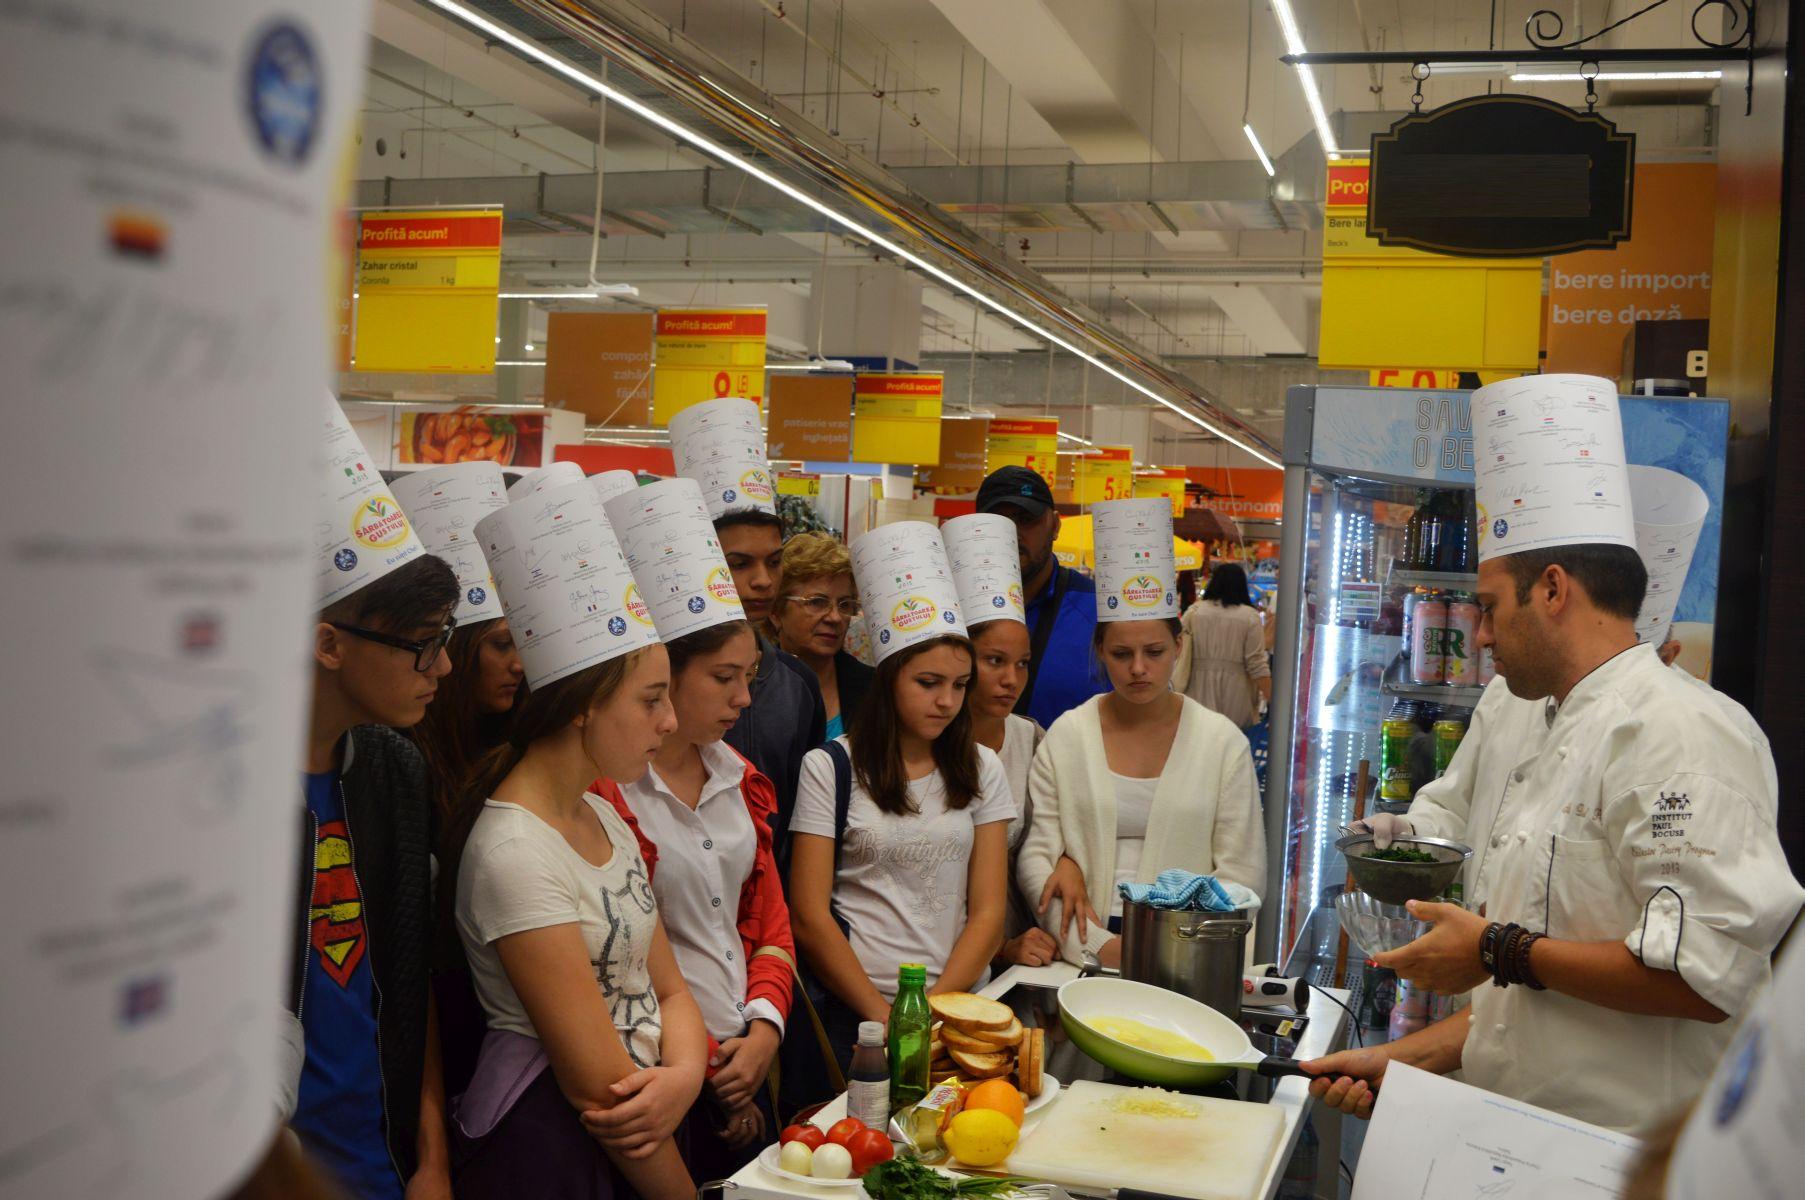 Atelier_Culinar_Sarbatoarea_Gustului_Carrefour_MegaMall_Atelier_Educational_09